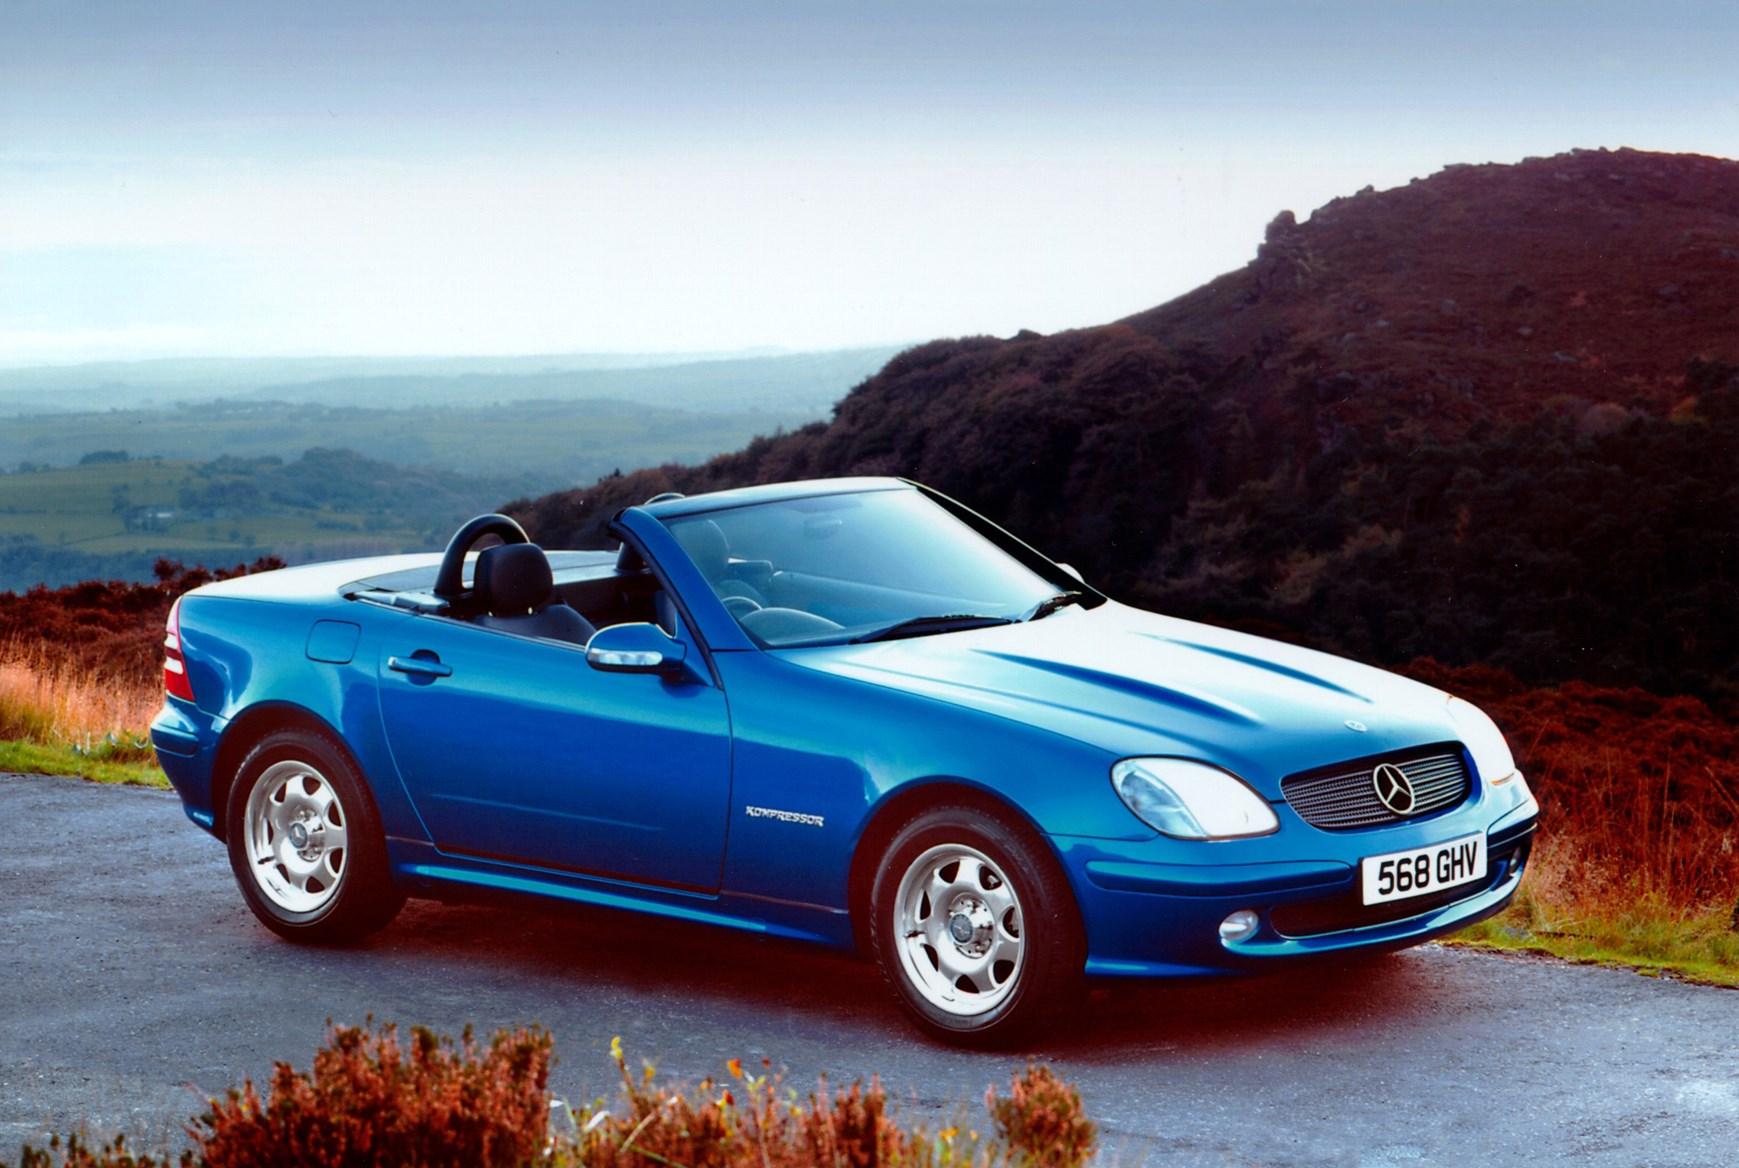 Mercedes benz slk roadster review 1996 2004 parkers for Mercedes benz slk reviews